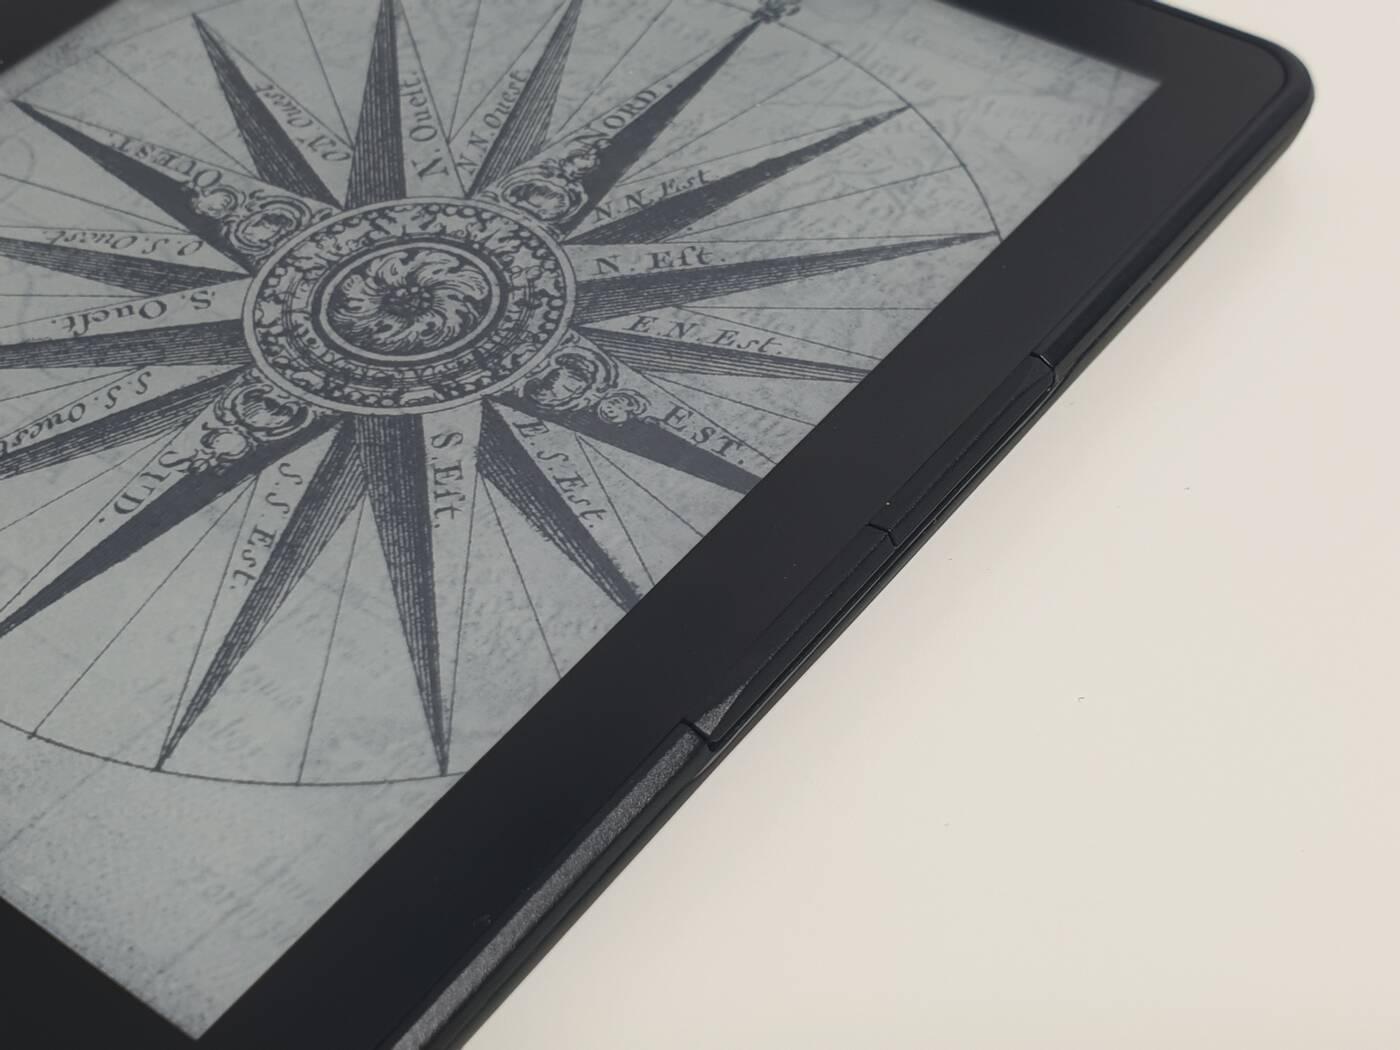 Recenzja InkBook Prime HD